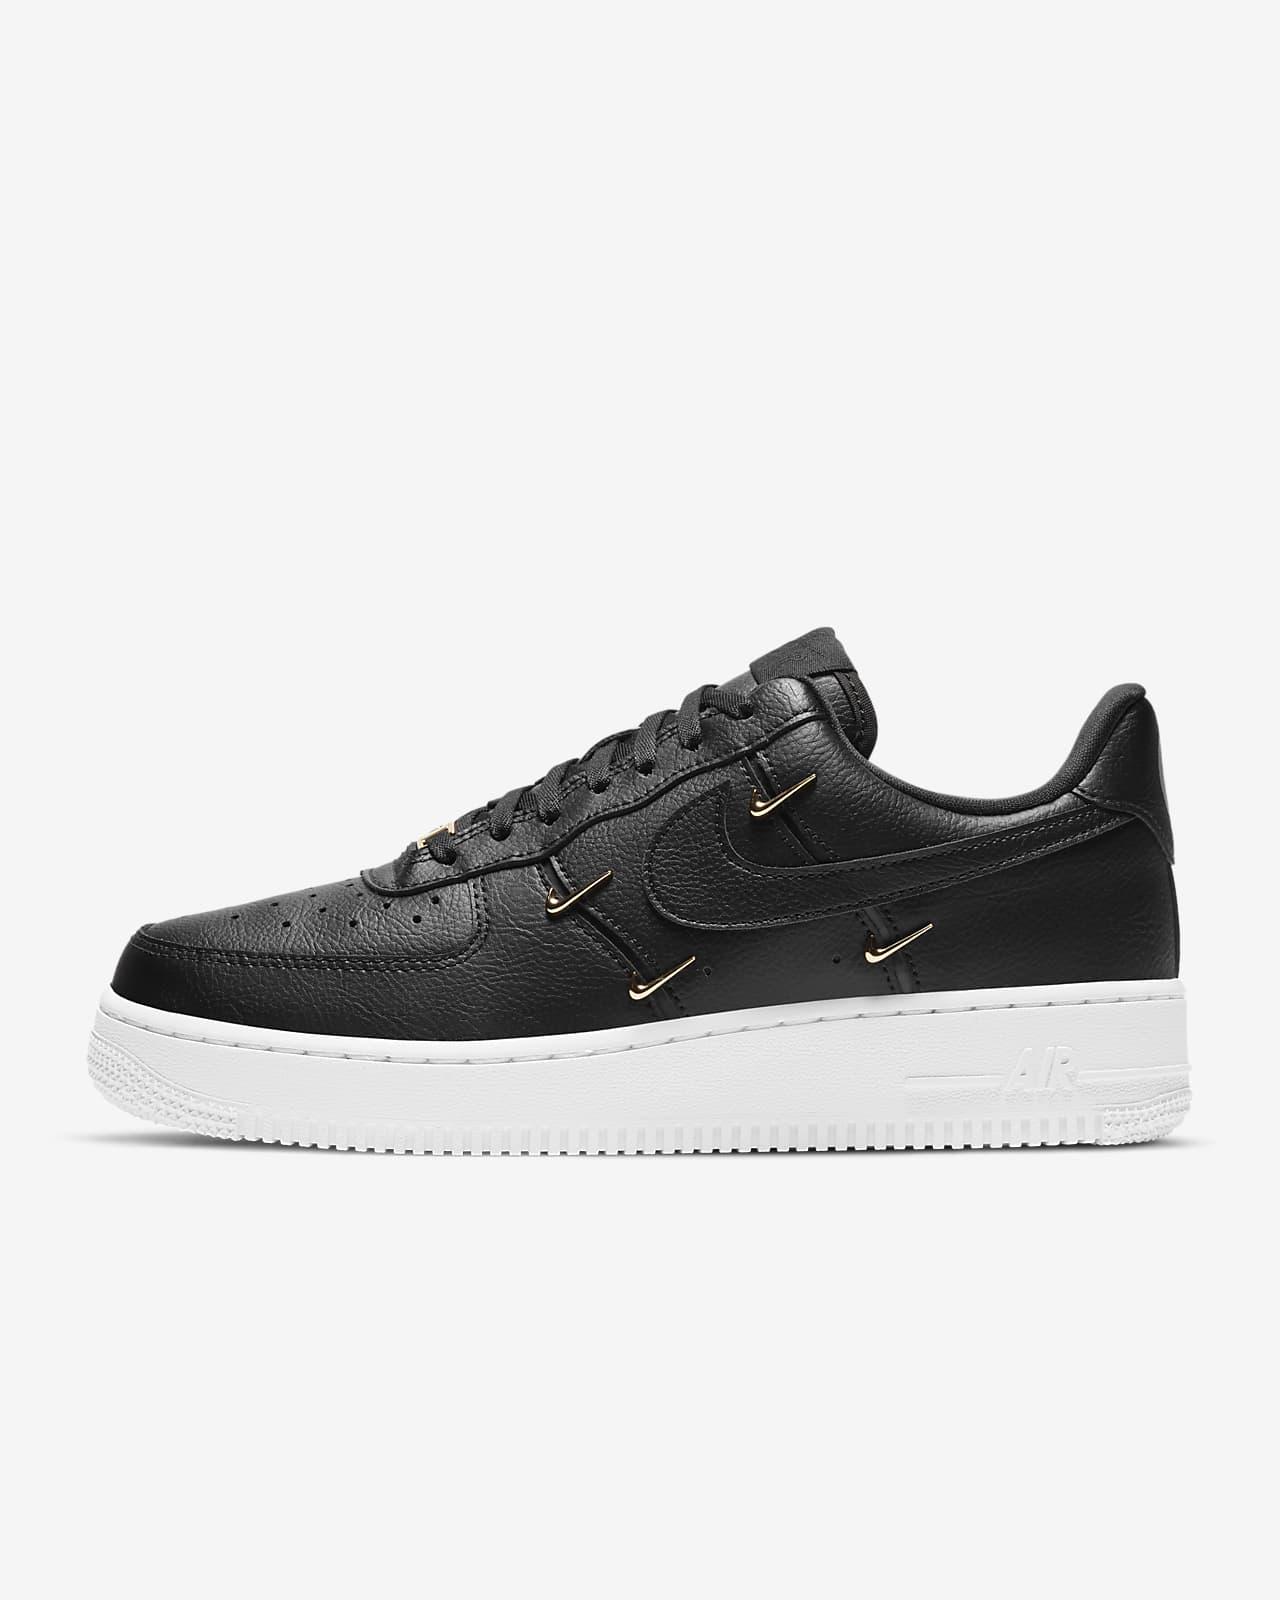 Sko Nike Air Force 1 '07 LX för kvinnor